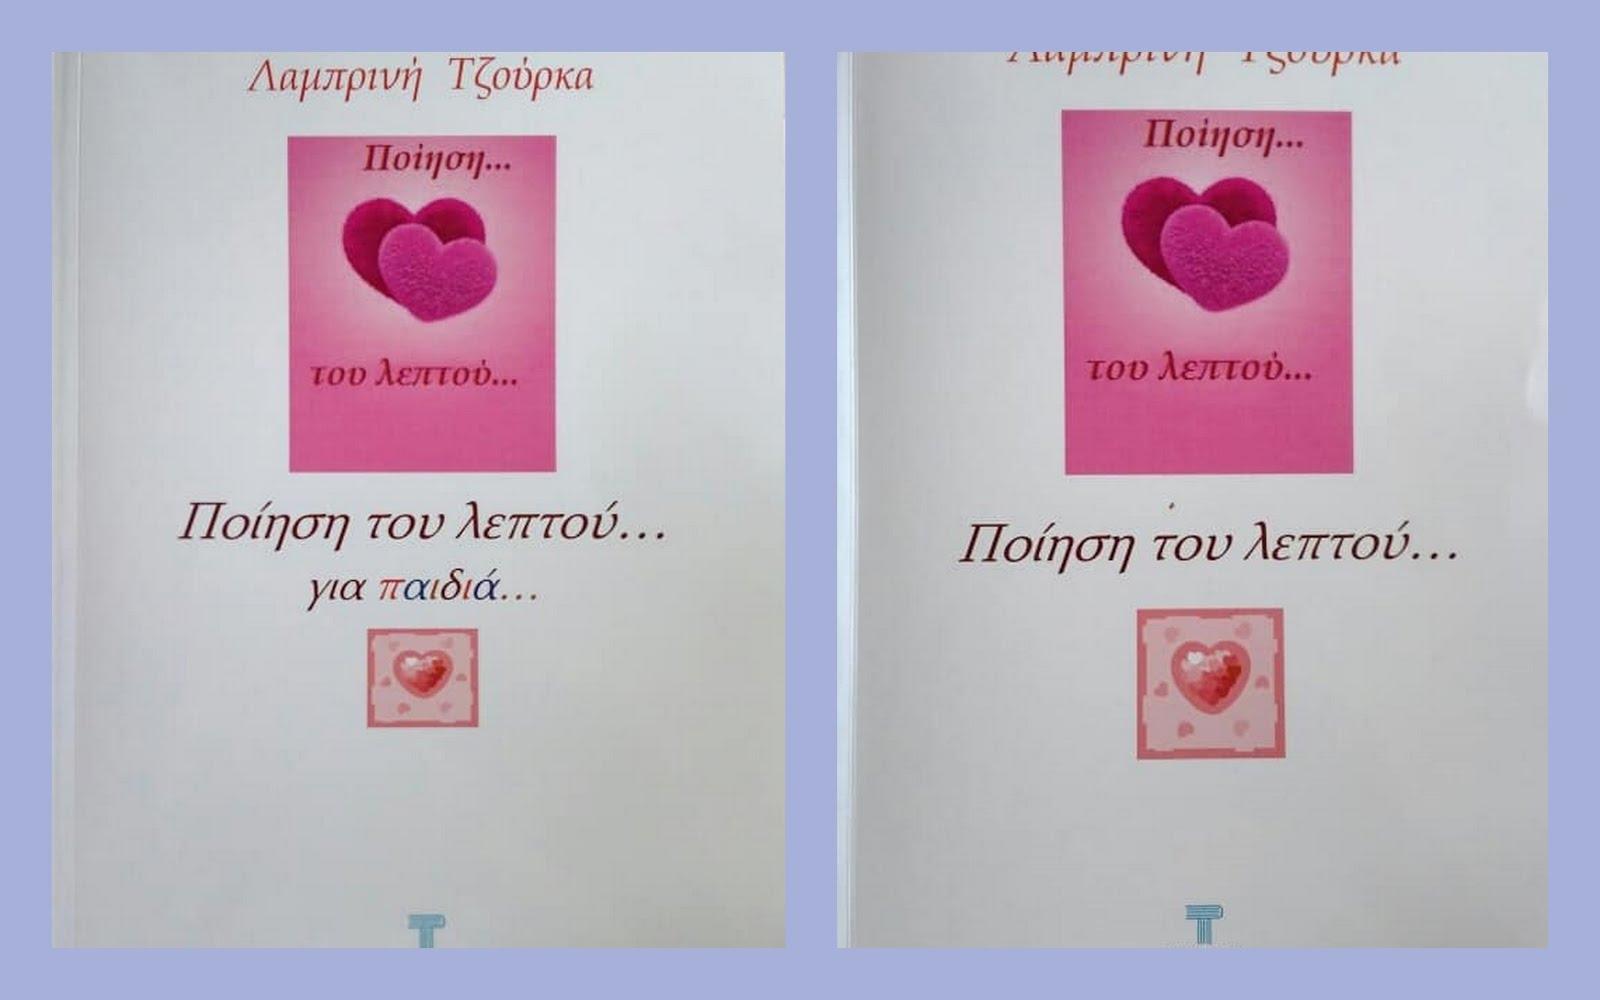 Τα βιβλία μου... κλικ στην φώτο για λεπτομέρειες...